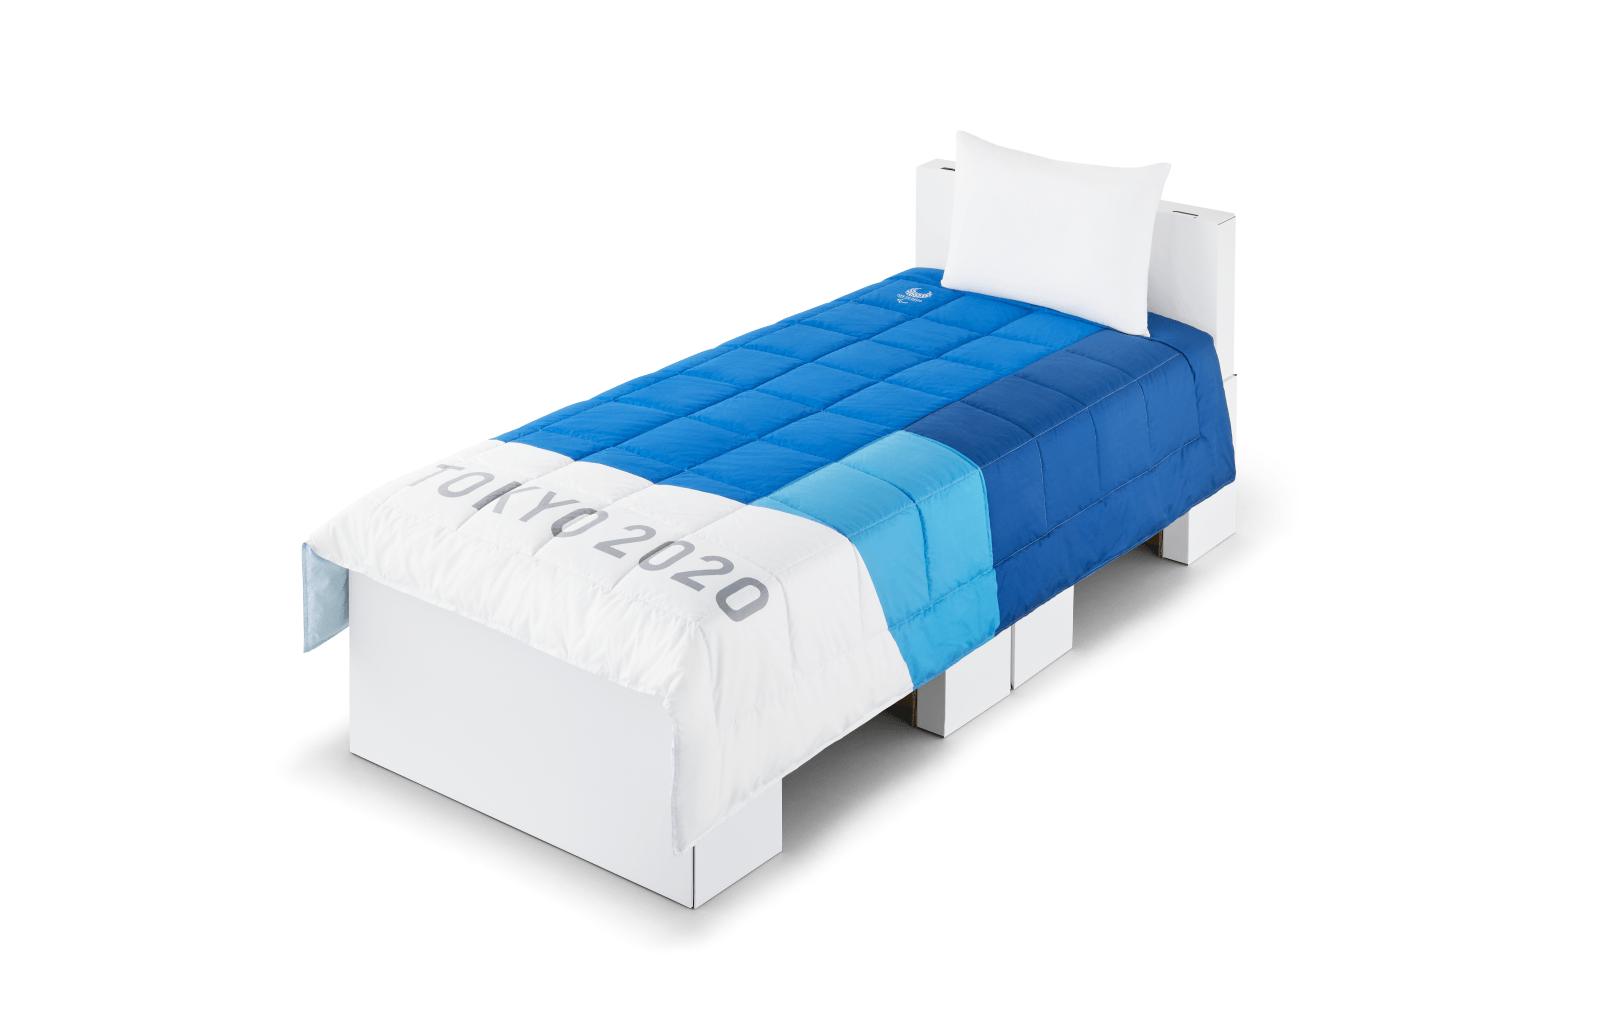 Alojamento dos atletas nas Olimpíadas de Tóquio vai contar com camas feitas de papelão